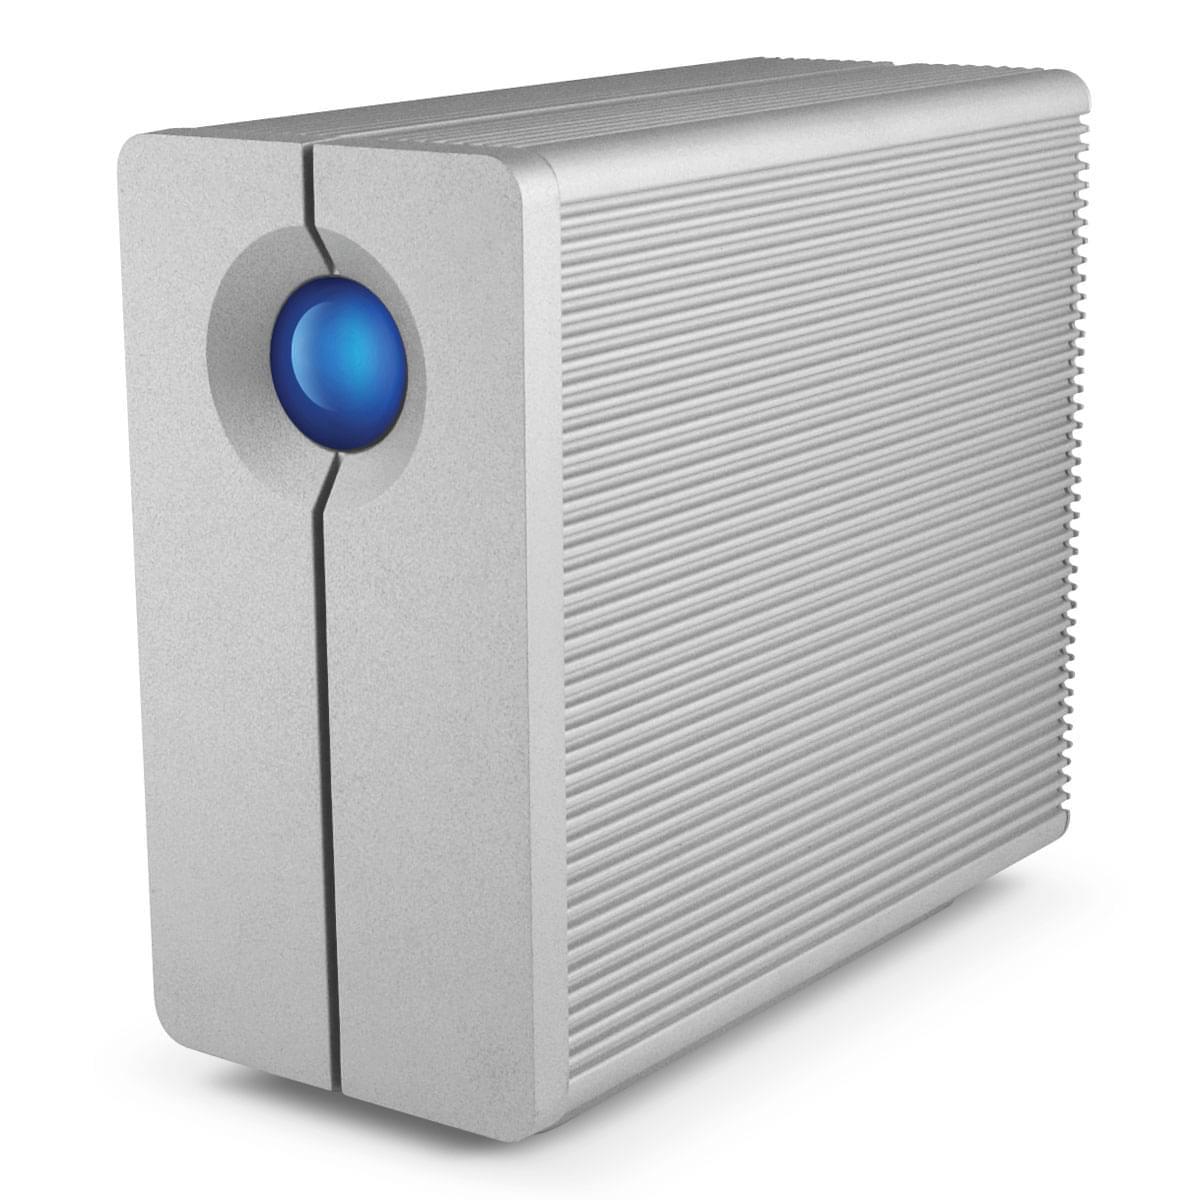 LaCie 2big NAS (2000345) - Achat / Vente Boîtier externe sur Cybertek.fr - 0